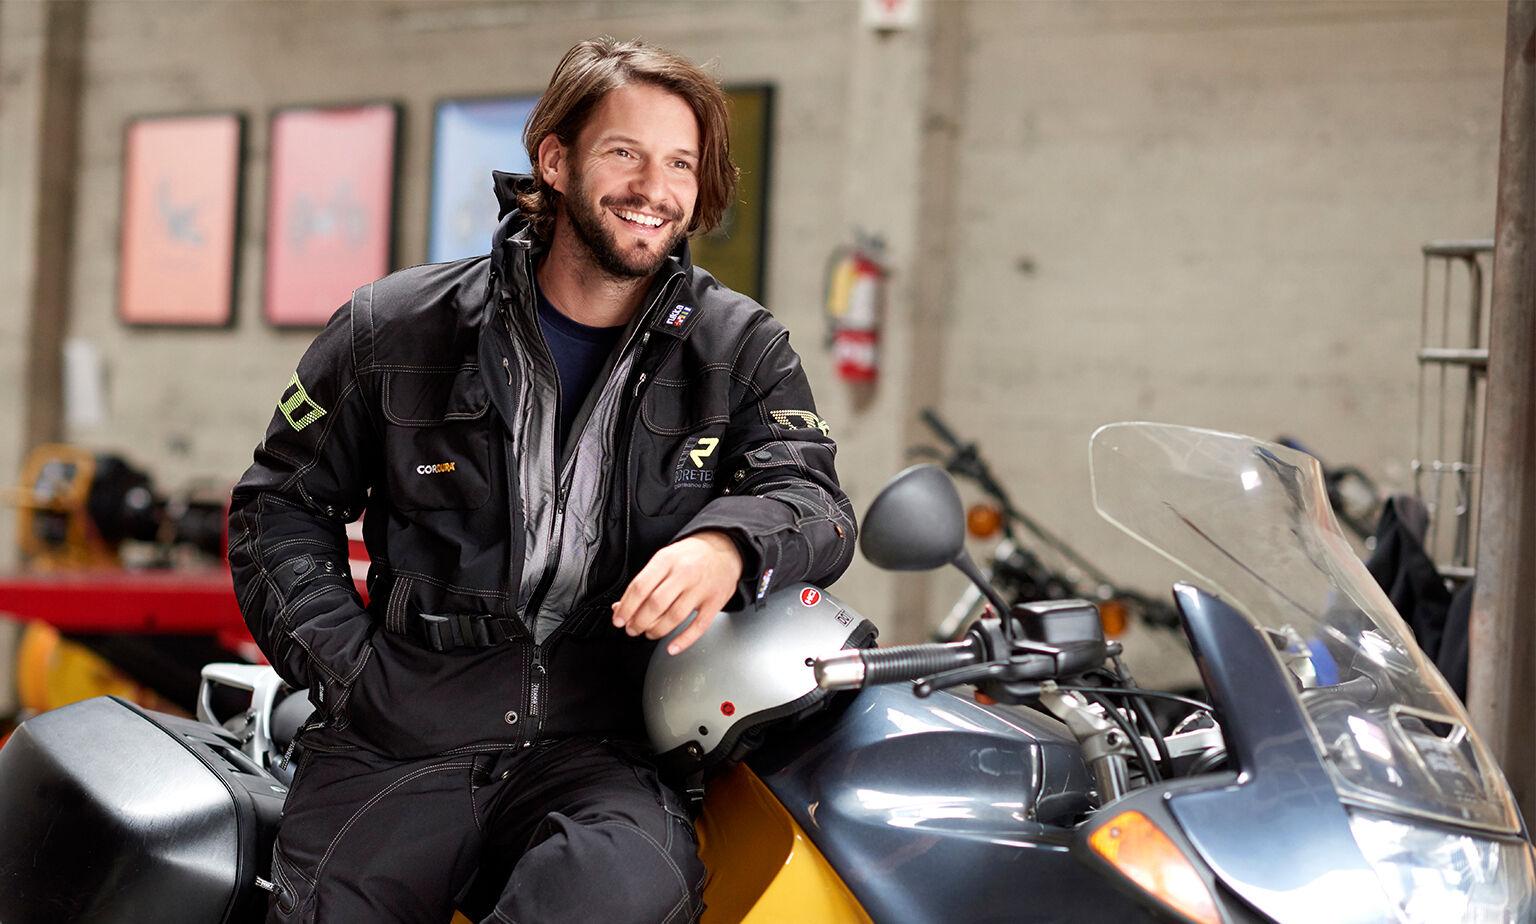 Shop Motorcycle Apparel